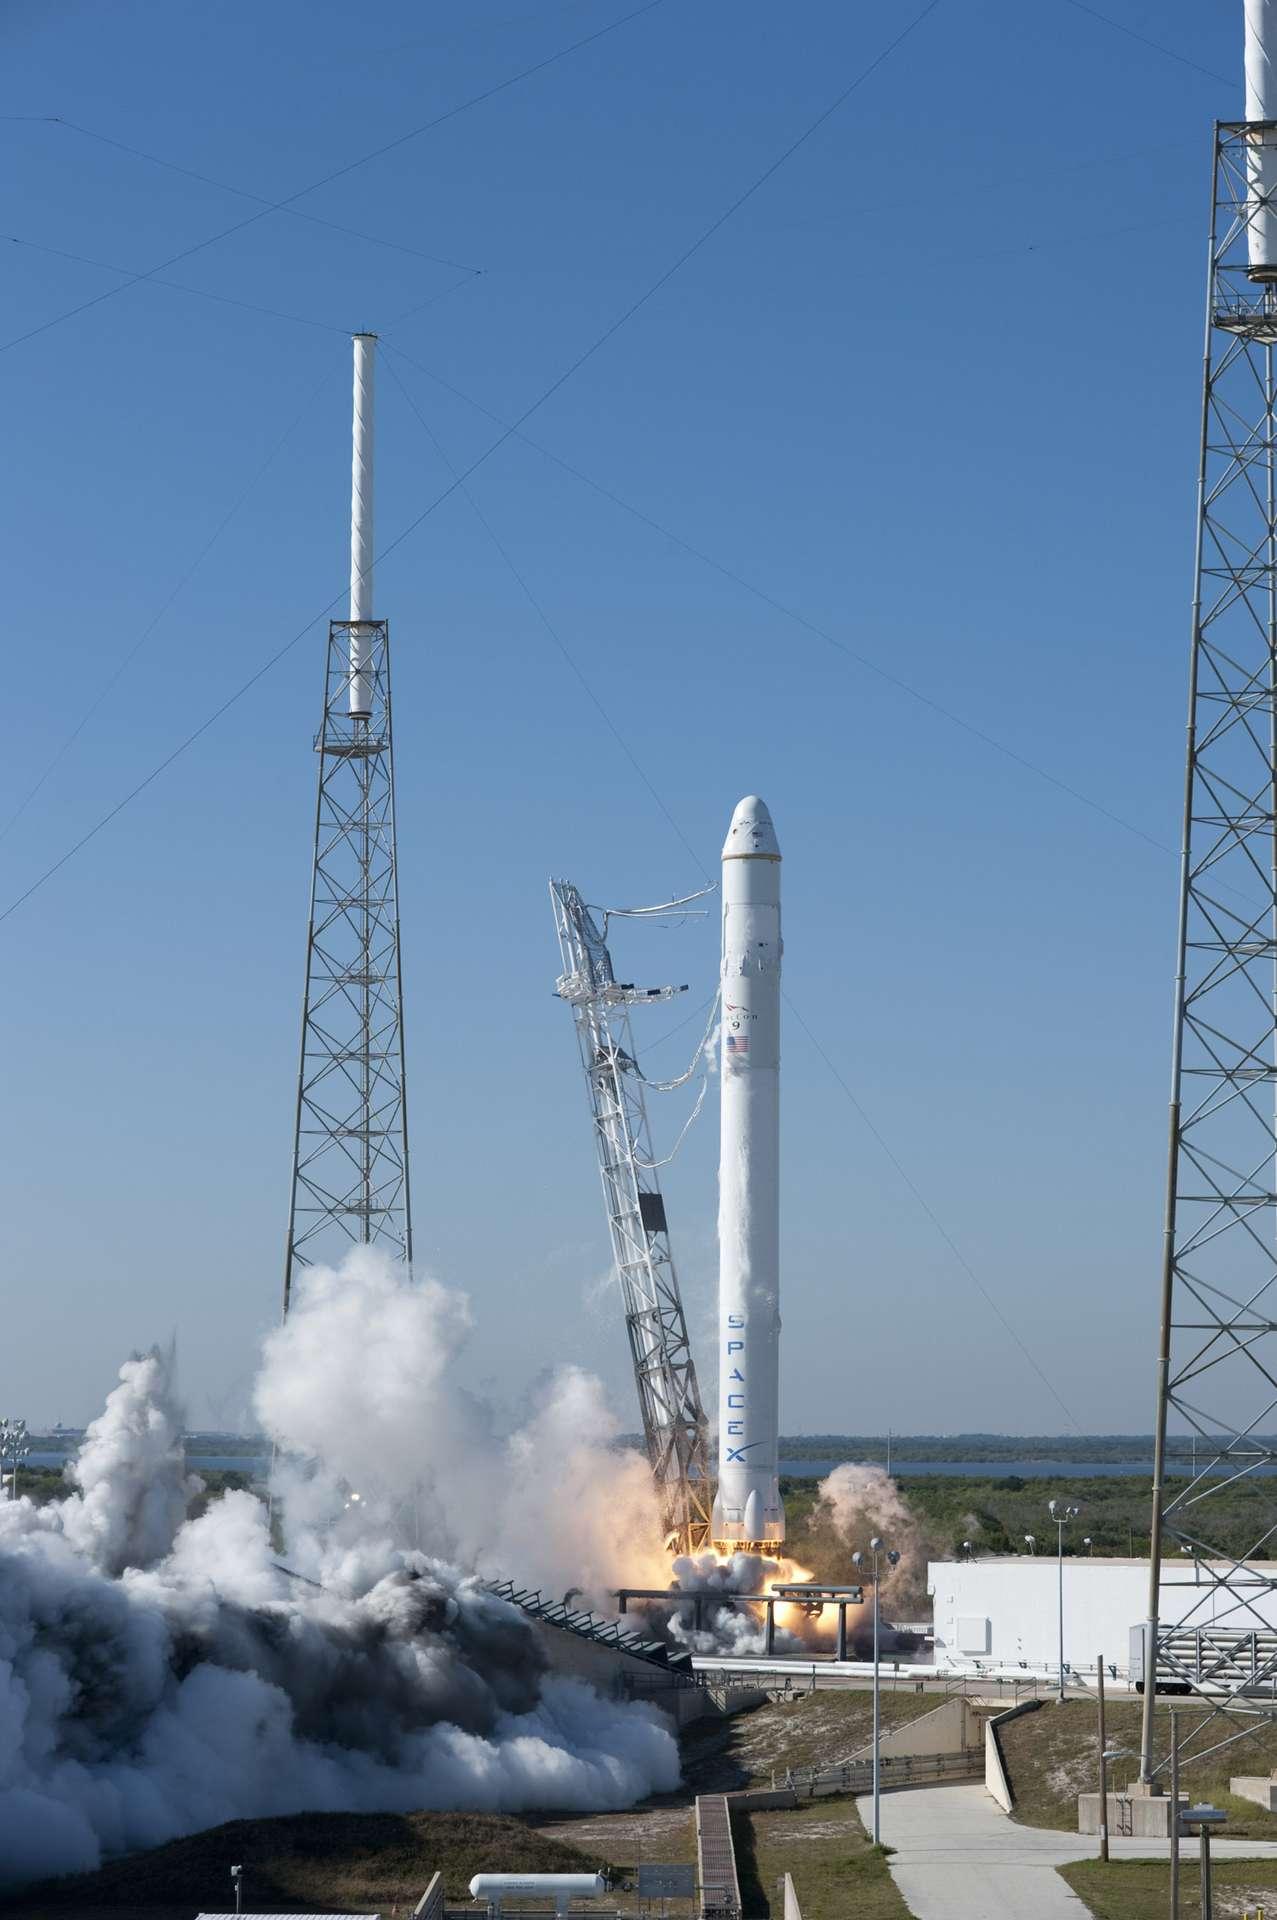 Le lanceur Falcon 9 a décollé du complexe LC 40 de cap Canaveral à 15 h 43 TU. La capsule Dragon a été larguée suivant le plan de vol de la mission. Elle a tourné deux fois autour de la Terre avant d'entamer sa traversée dans l'atmosphère et d'atterrir au large des côtes californiennes à 19 h 04 TU. © Nasa/Tony Gray & Kevin O'Connell